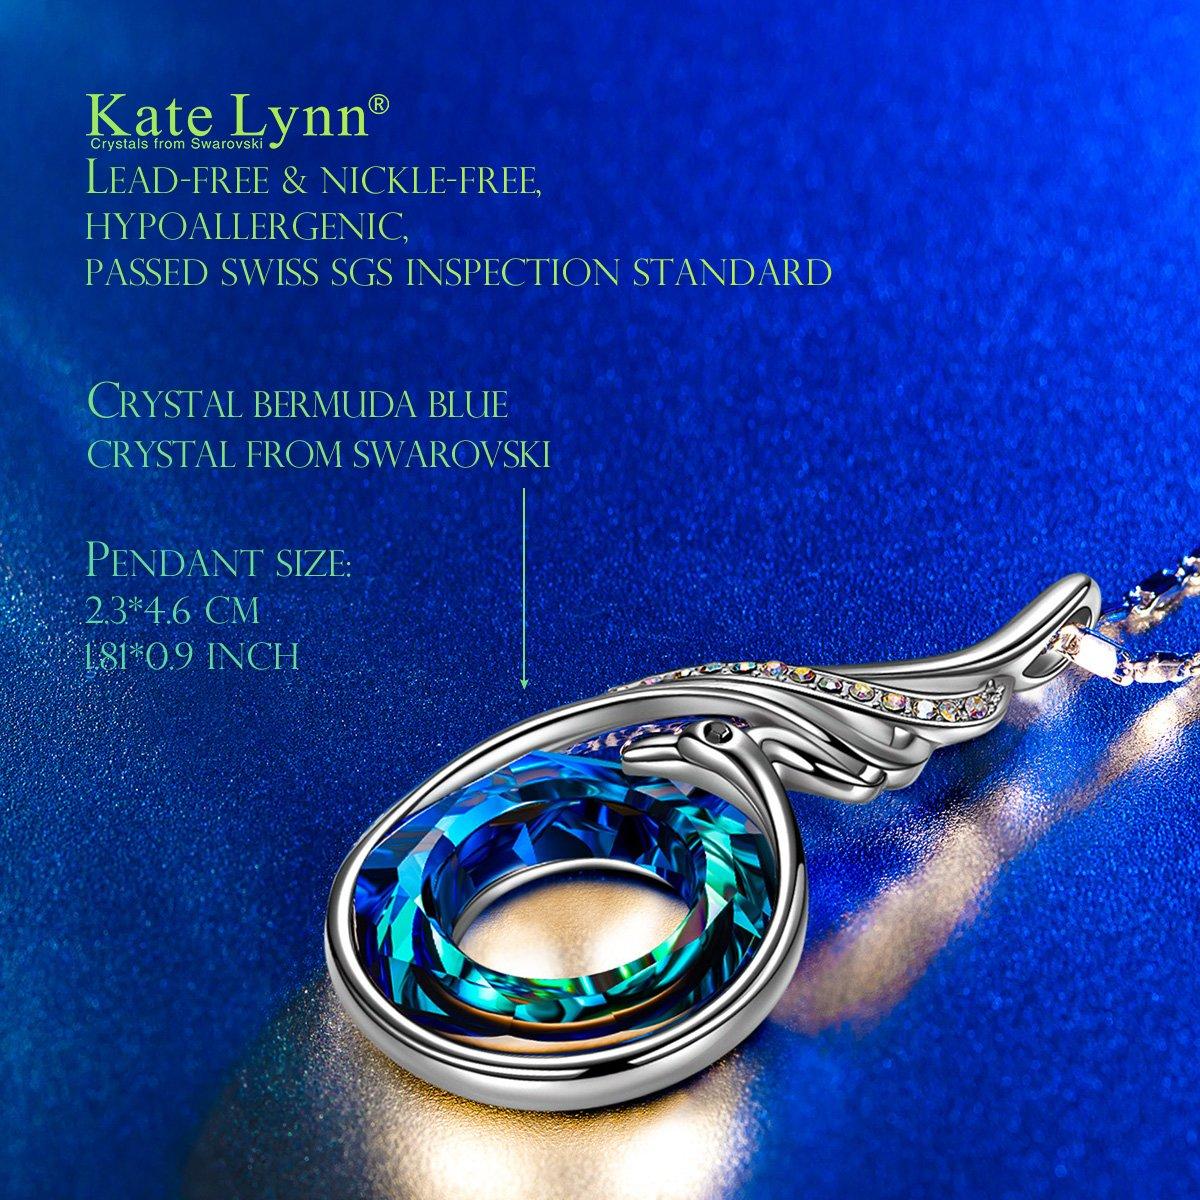 b1c6afdf75fd Kate Lynn Nirvana de Phoenix Collar Princesa para Mujeres con Cristales  Swarovski Azul Regalos Navidad Joyas Cumpleaños Aniversario Día de San  Valentín ...